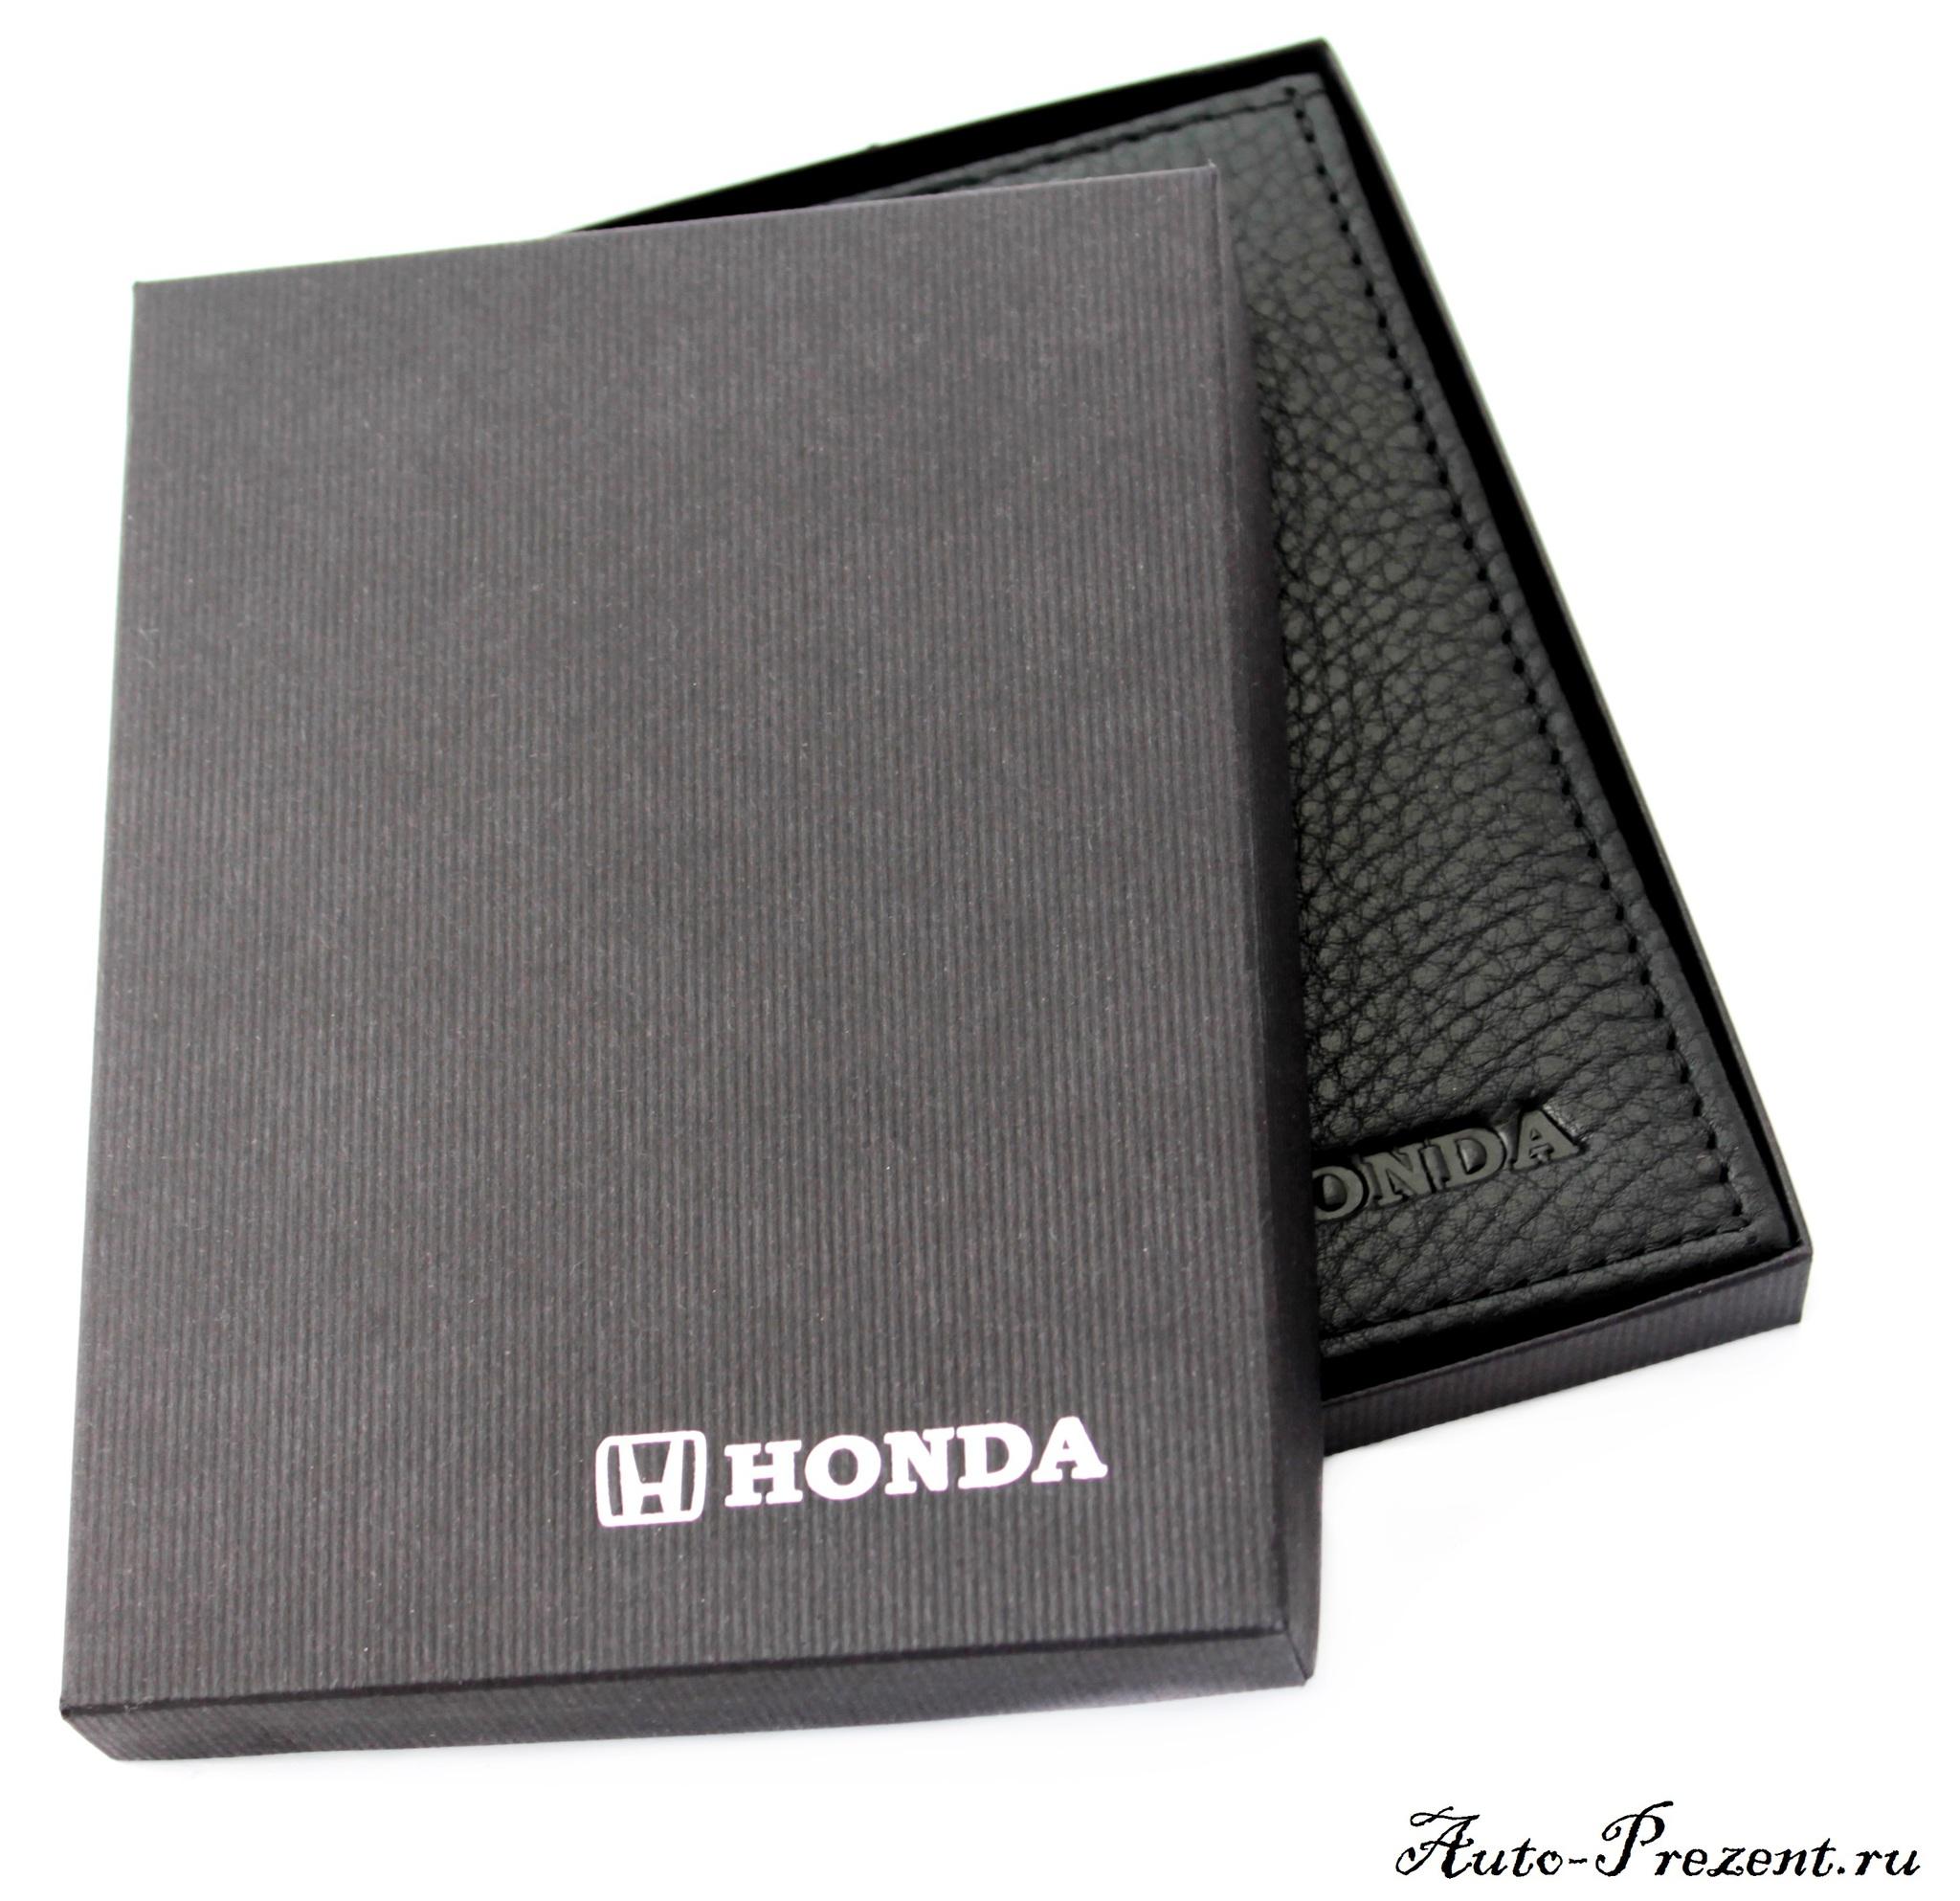 Портмоне для автодокументов из натуральной кожи с логотипом HONDA